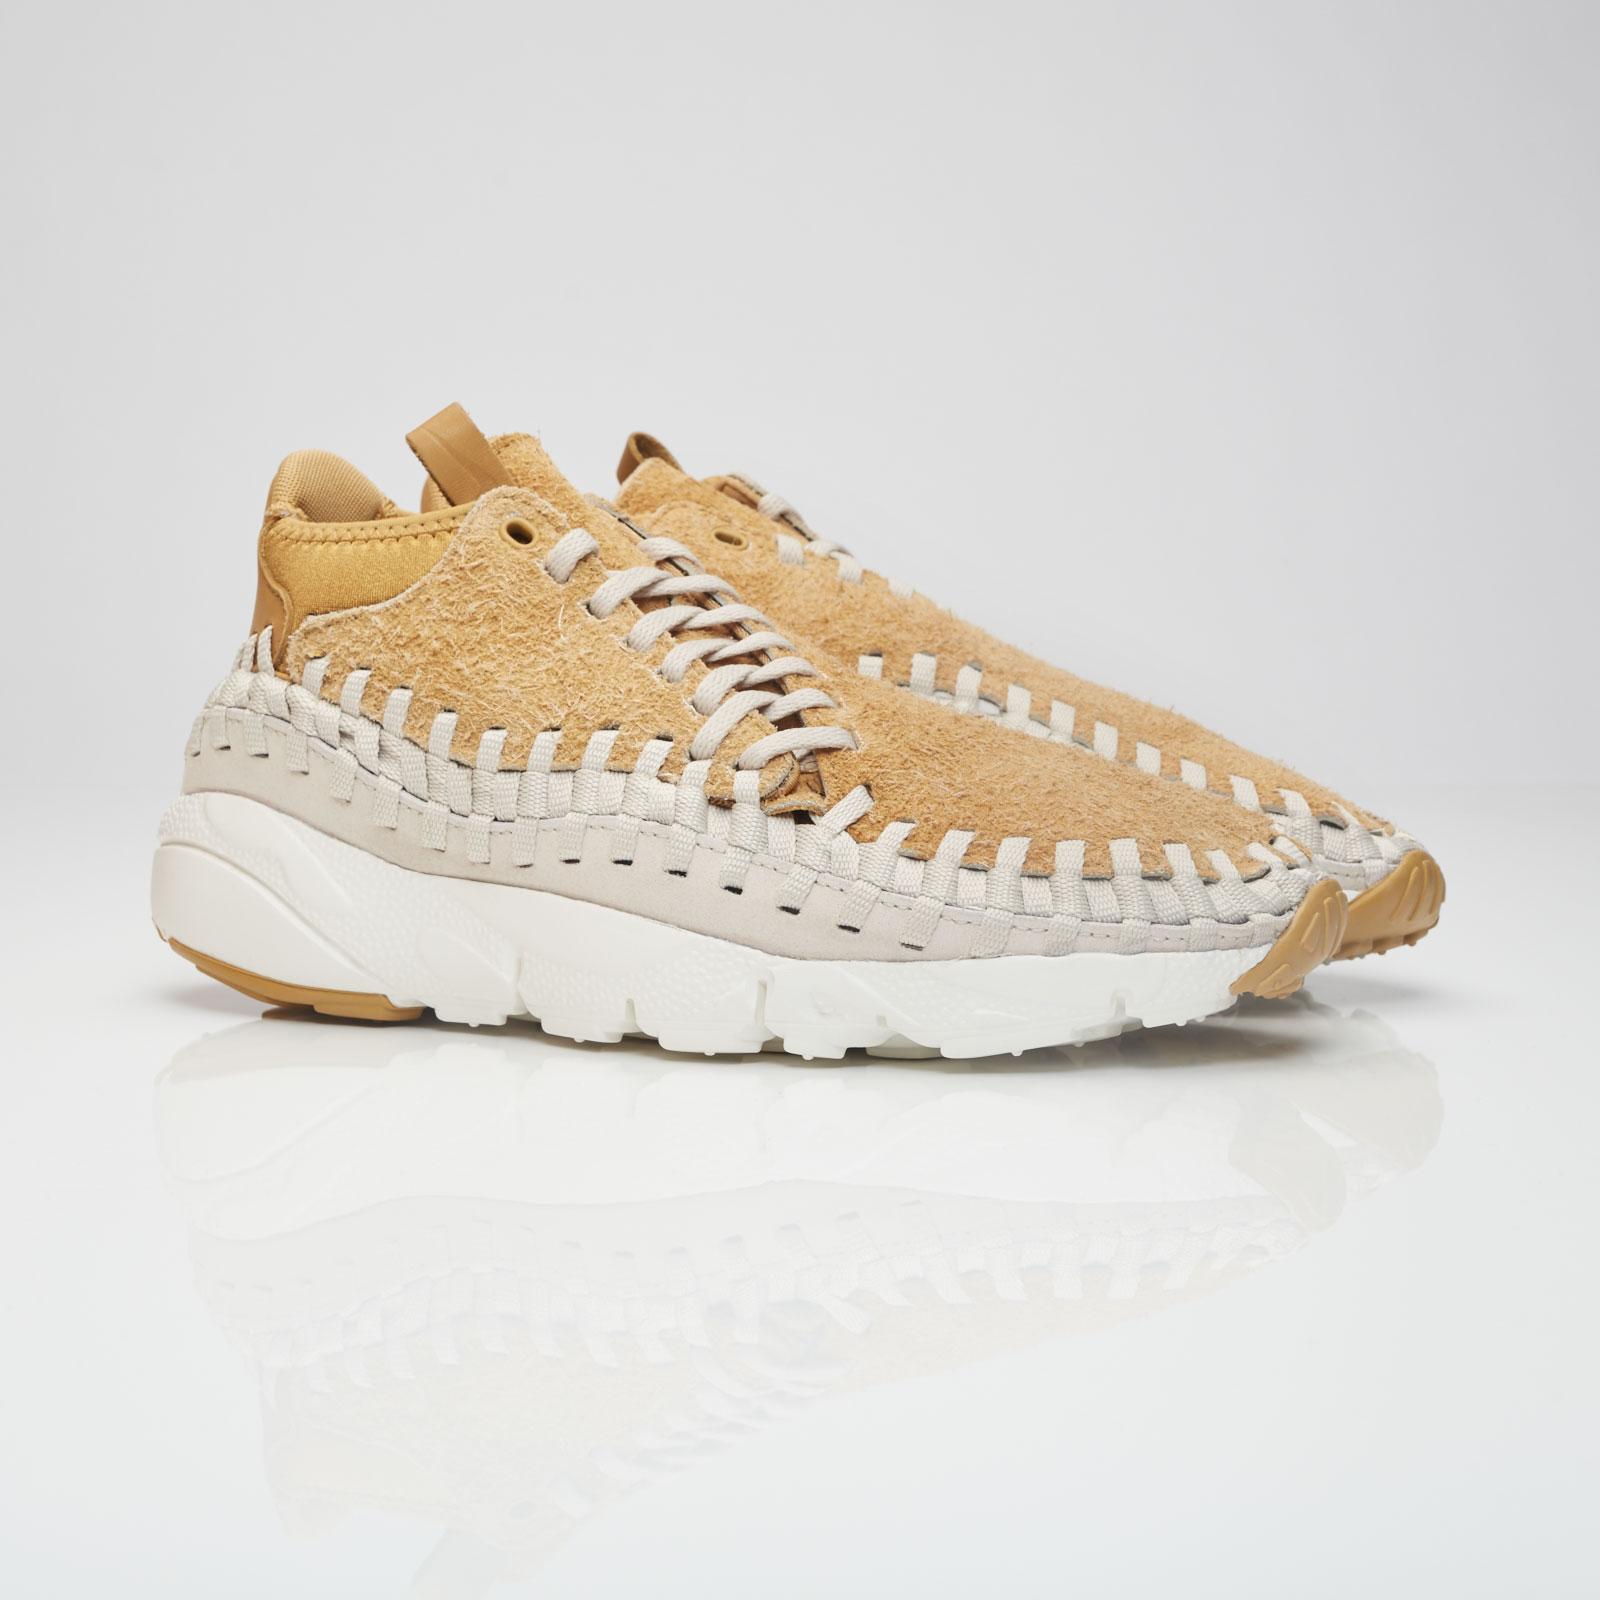 sports shoes 85921 b6667 Nike Sportswear Air Footscape Woven Chukka Qs